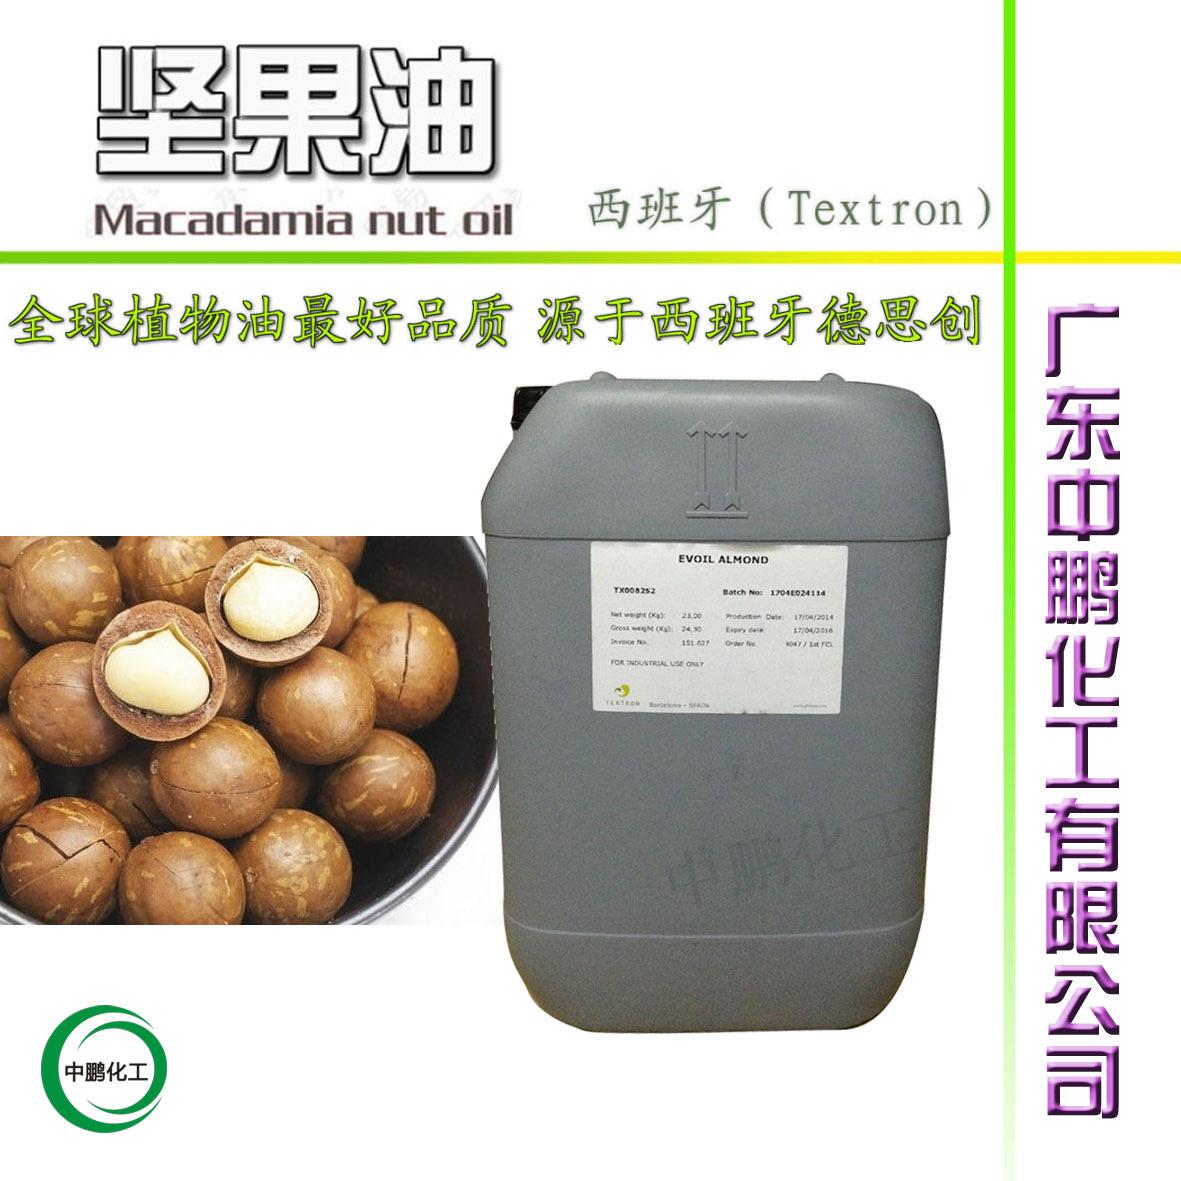 澳洲 坚果油 西班牙TEXTRON植物油原装进口